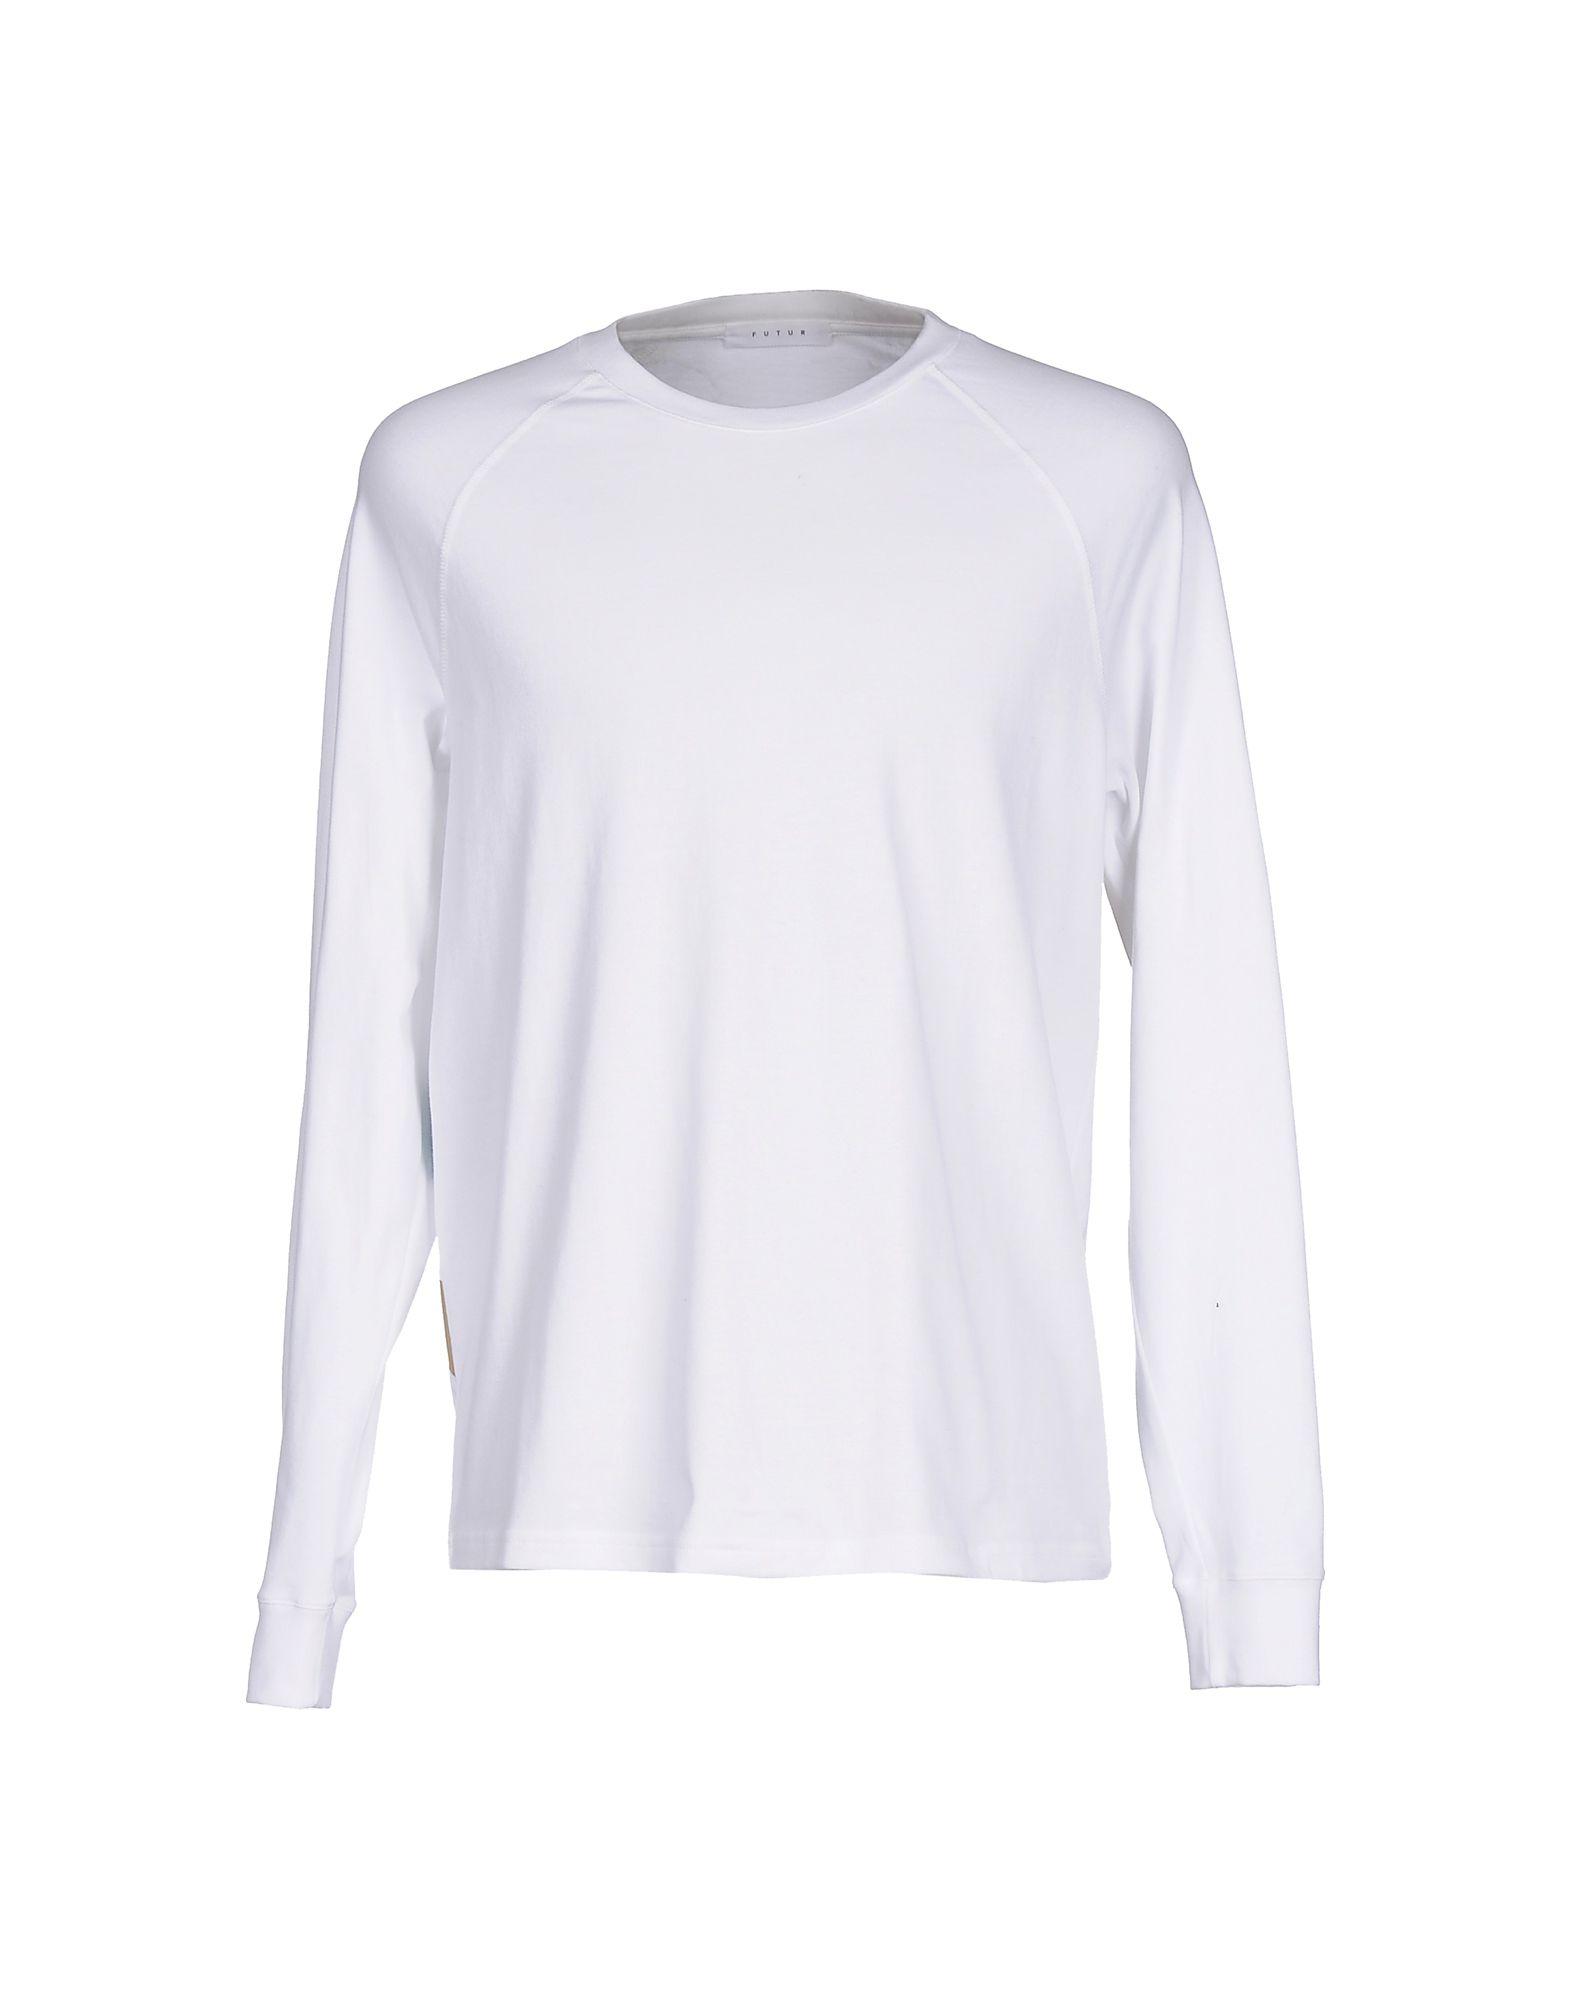 FUTURA Herren T-shirts Farbe Weiß Größe 5